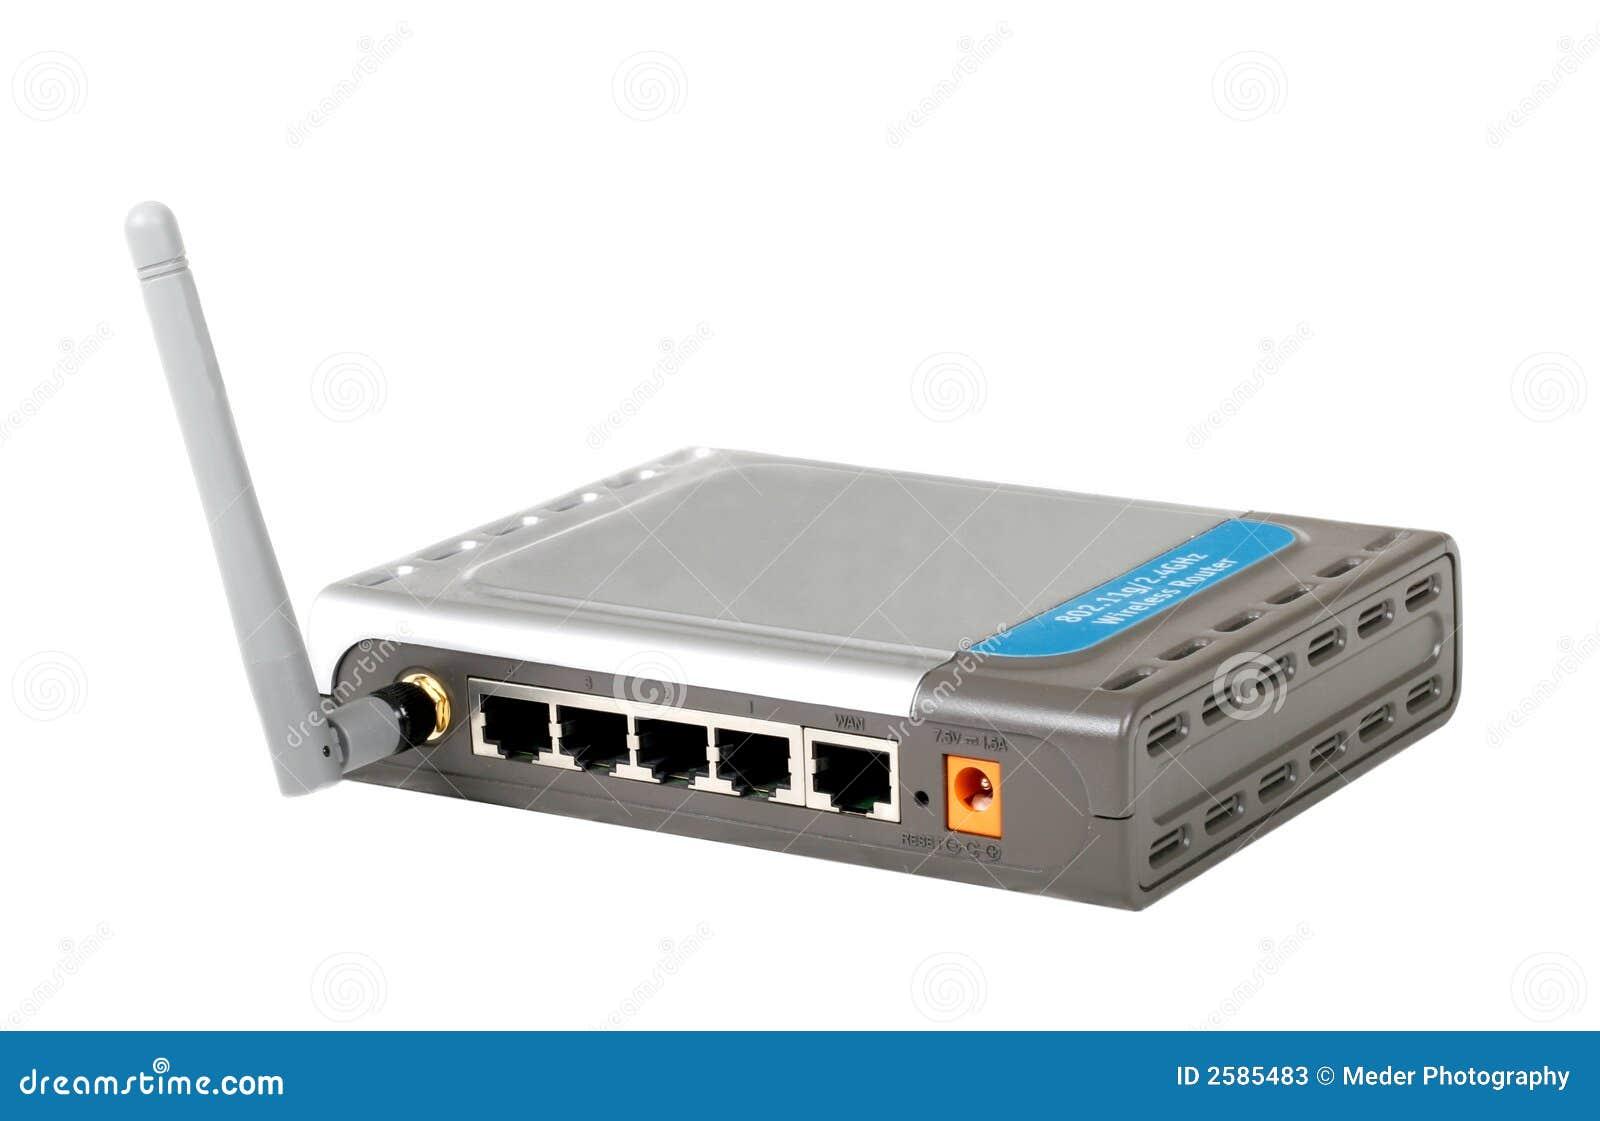 ADSL SMARTAX MT882A MODEM MENARA TÉLÉCHARGER